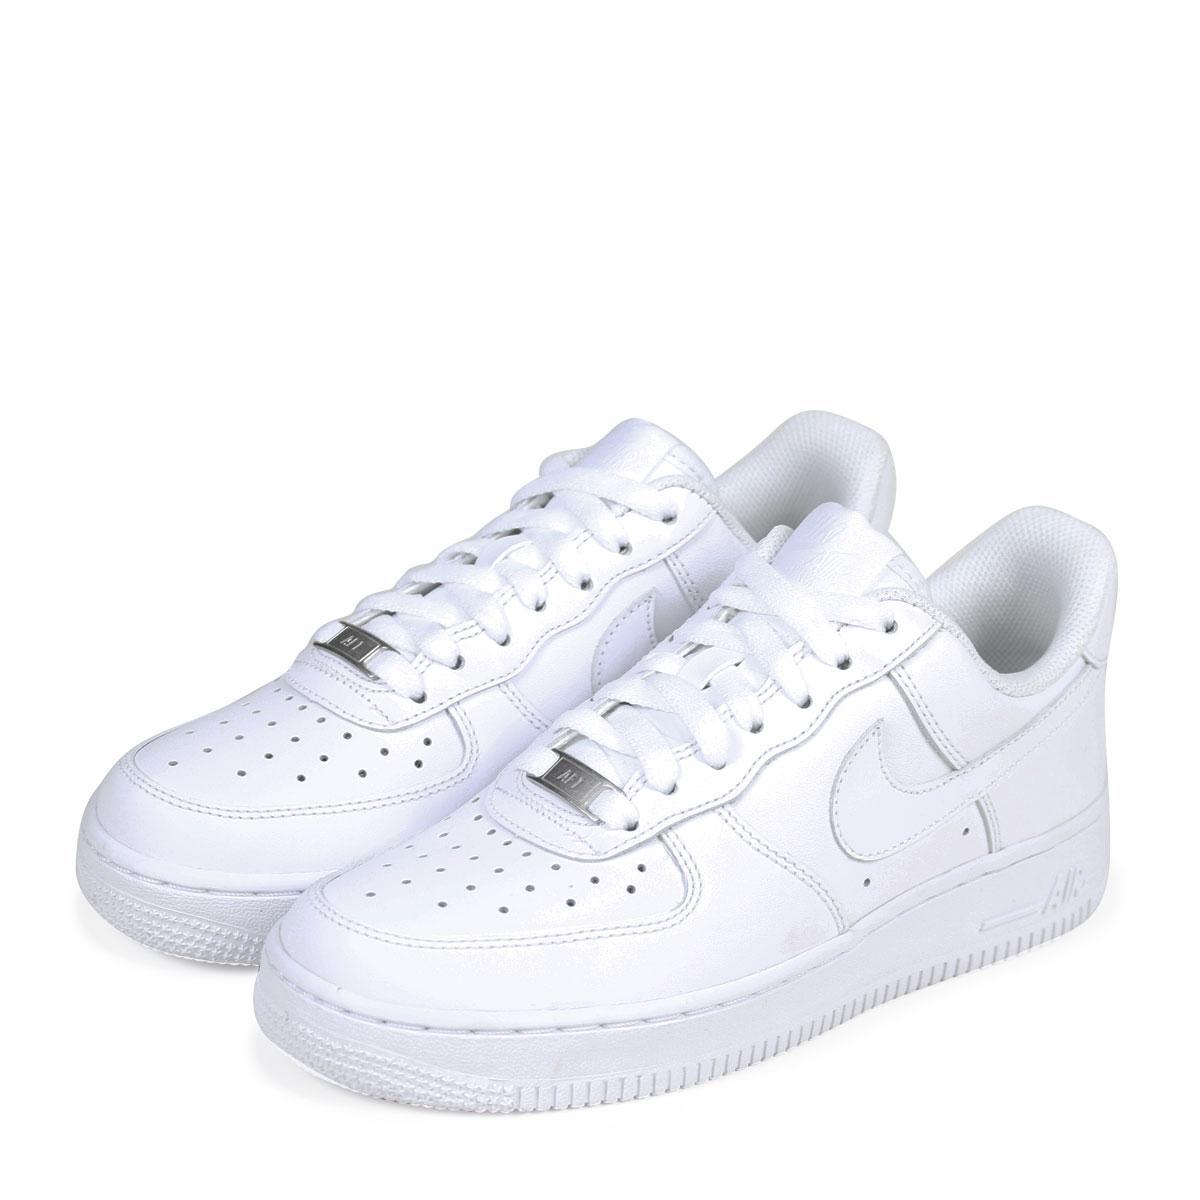 Кроссовки оригинал Nike Air Force 1 07  315115 112